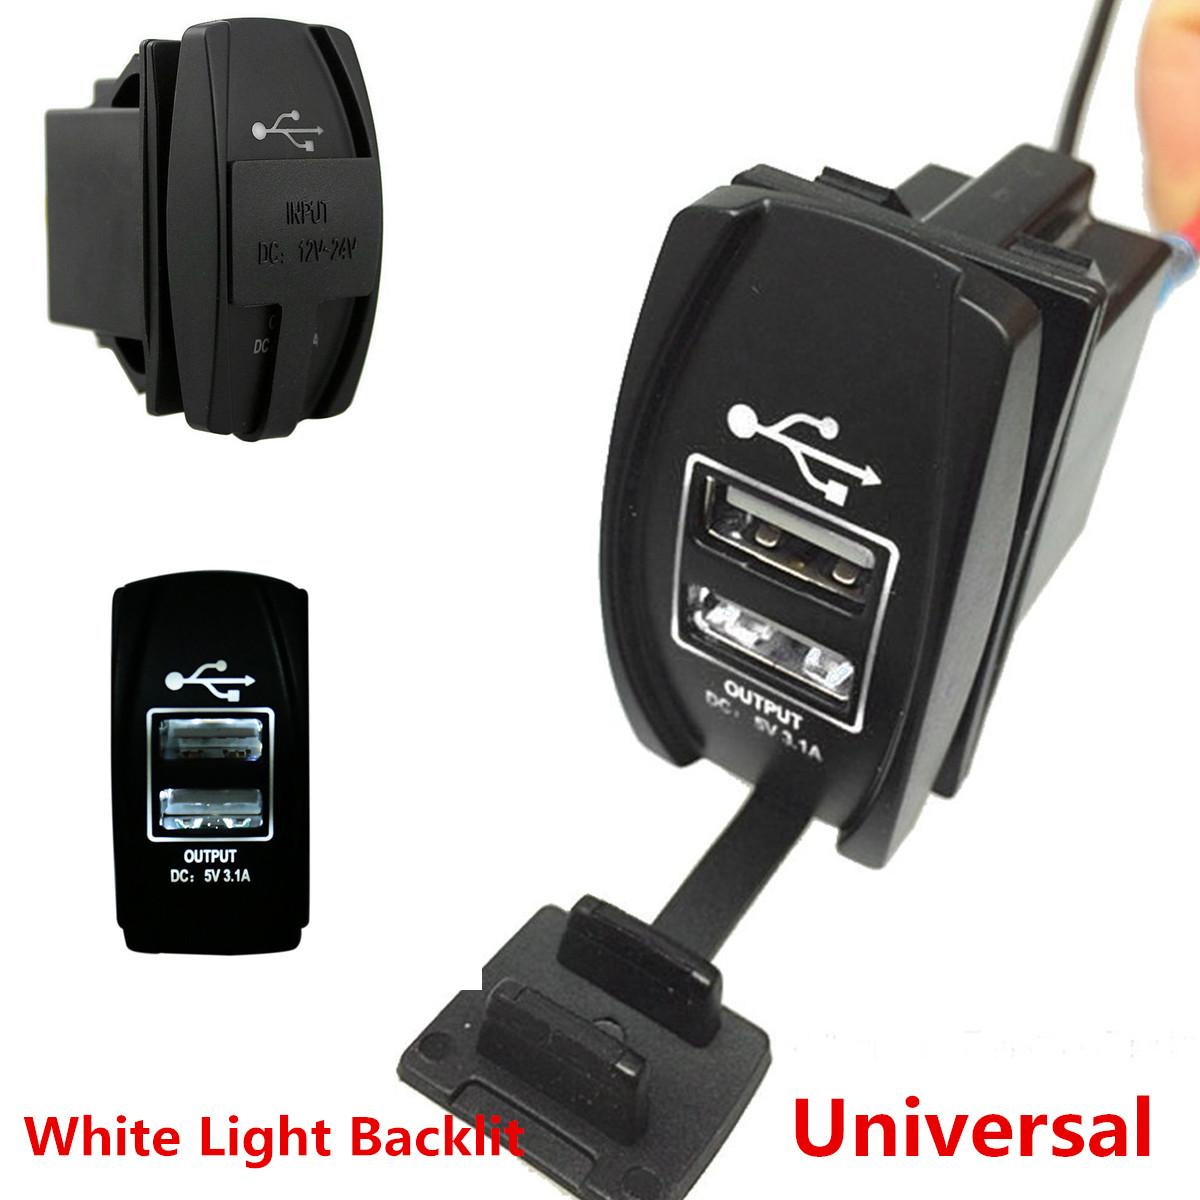 Dual USB ARB Rocker Switch Carling Backlit Green LED 12V-24V Car Boat Charger